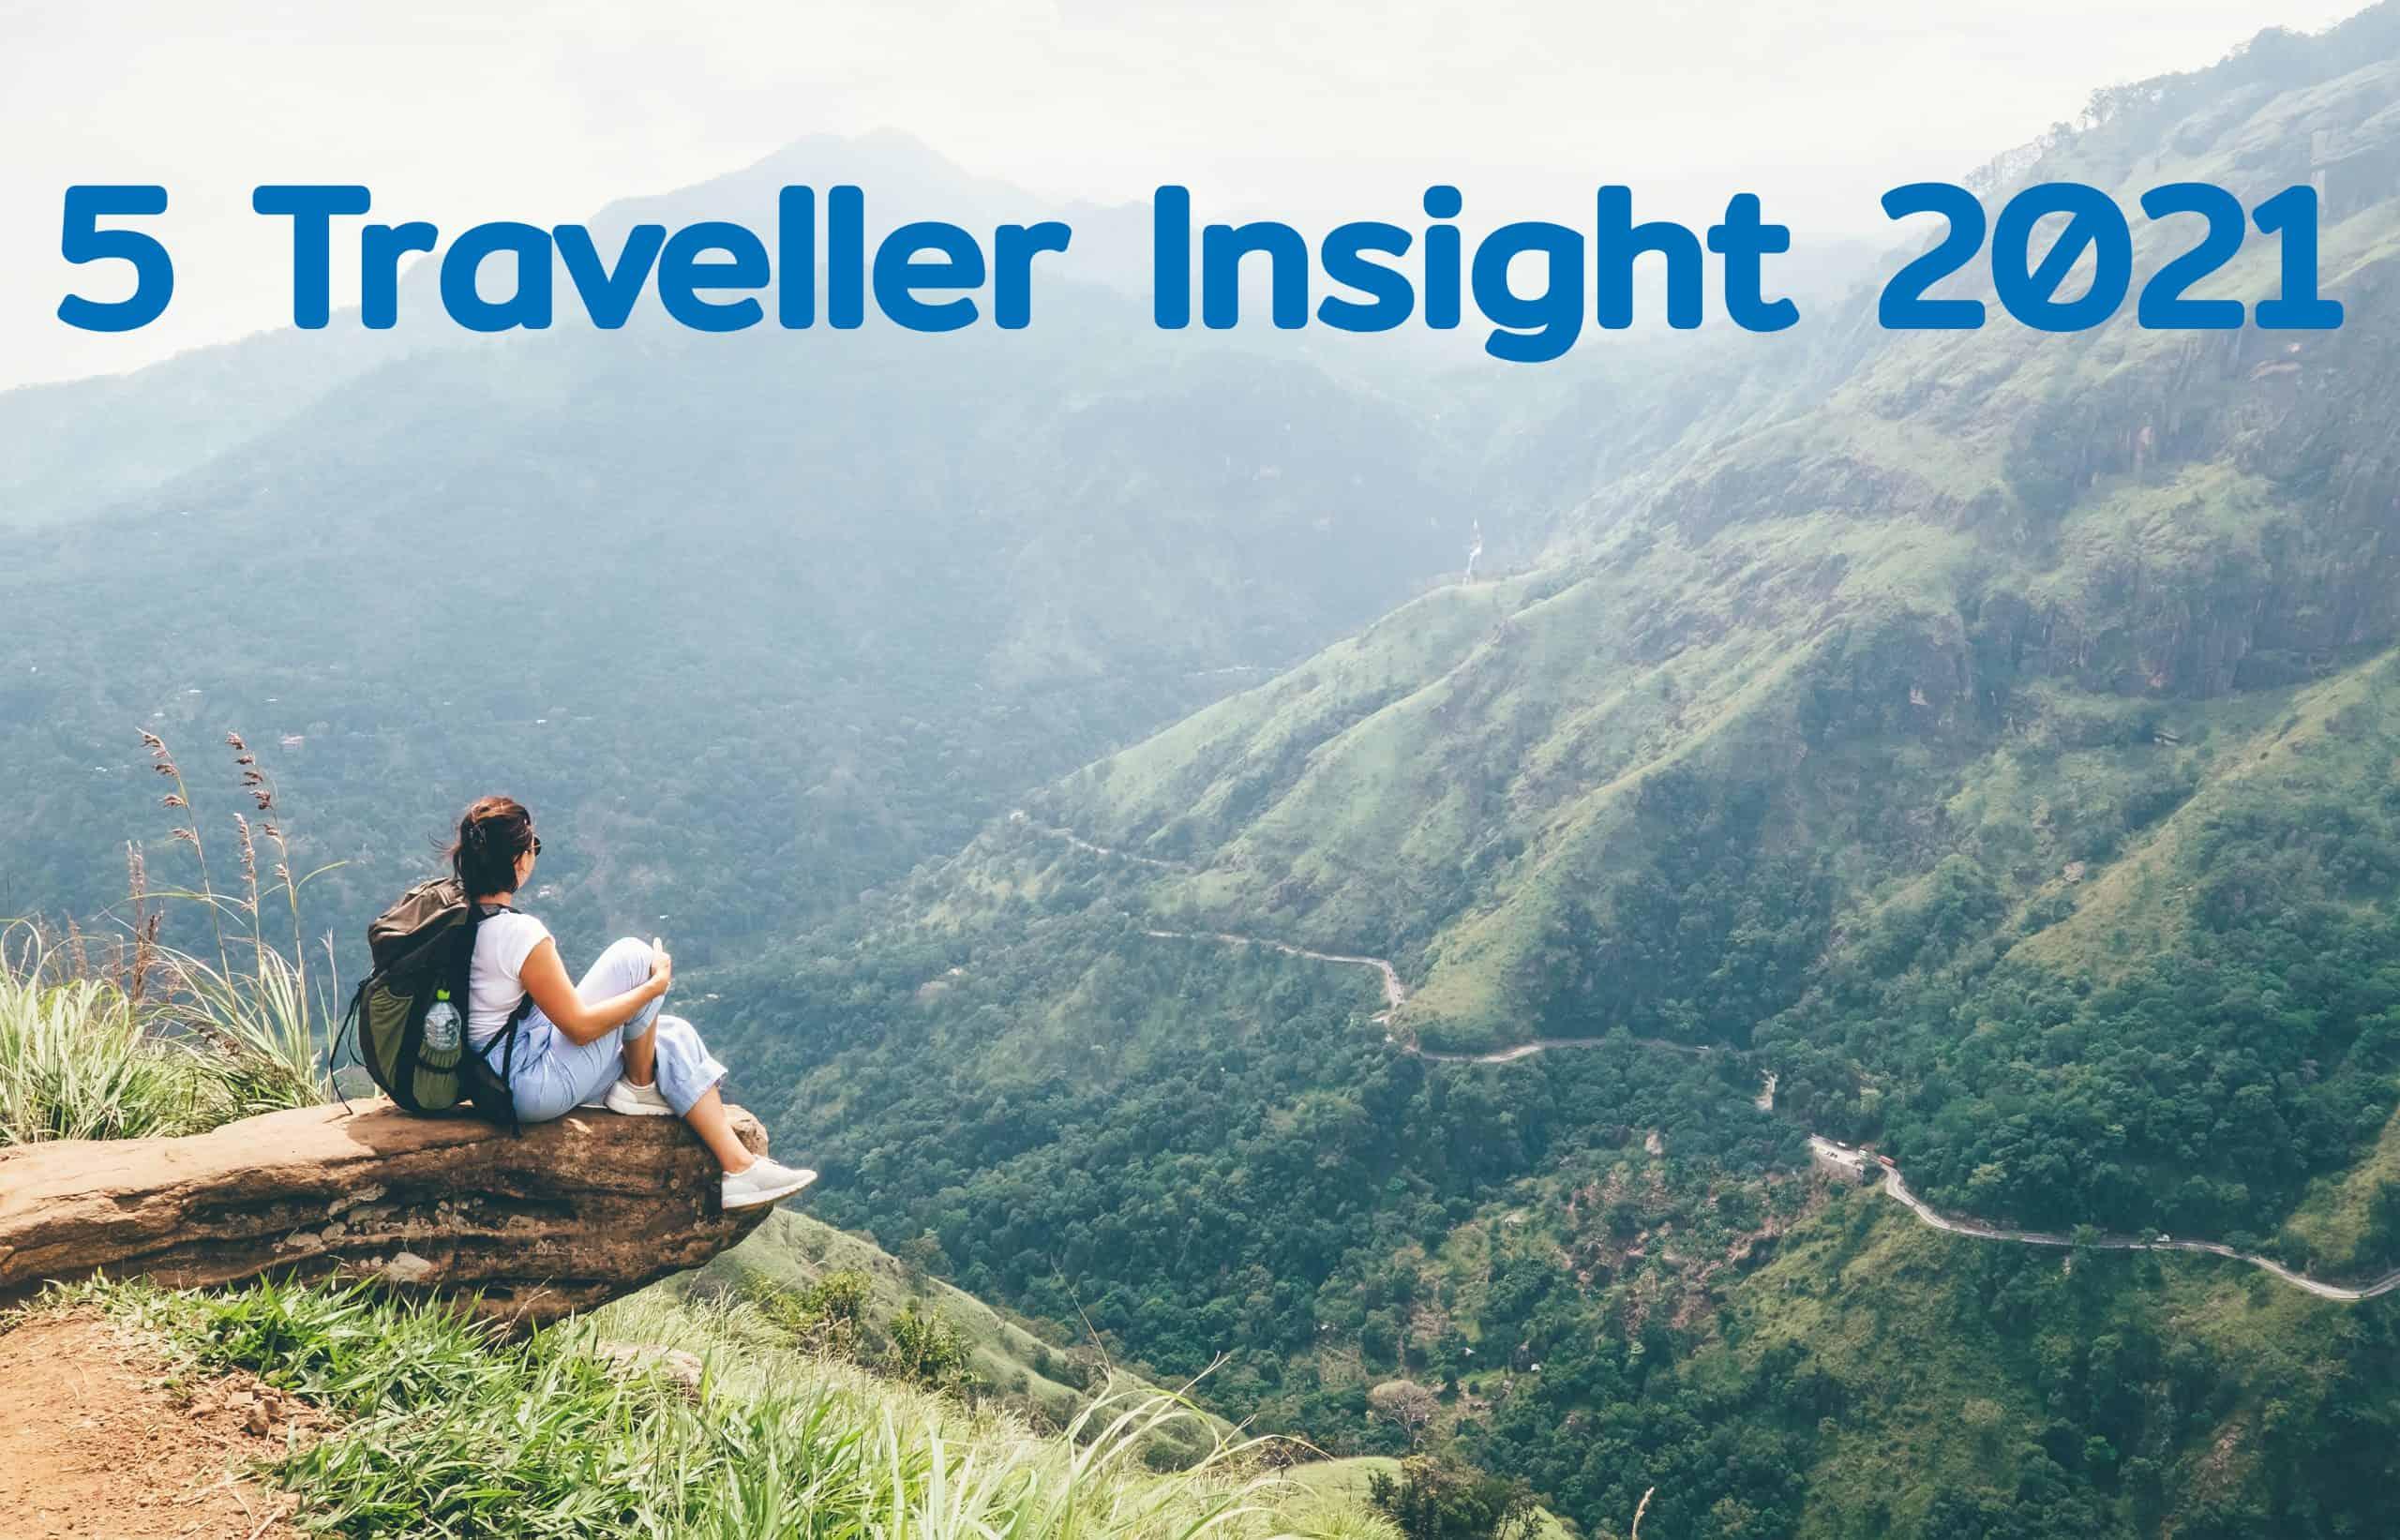 Insight นักท่องเที่ยว กับ 5 ทริปที่กำลังมาแรงในปี 2021